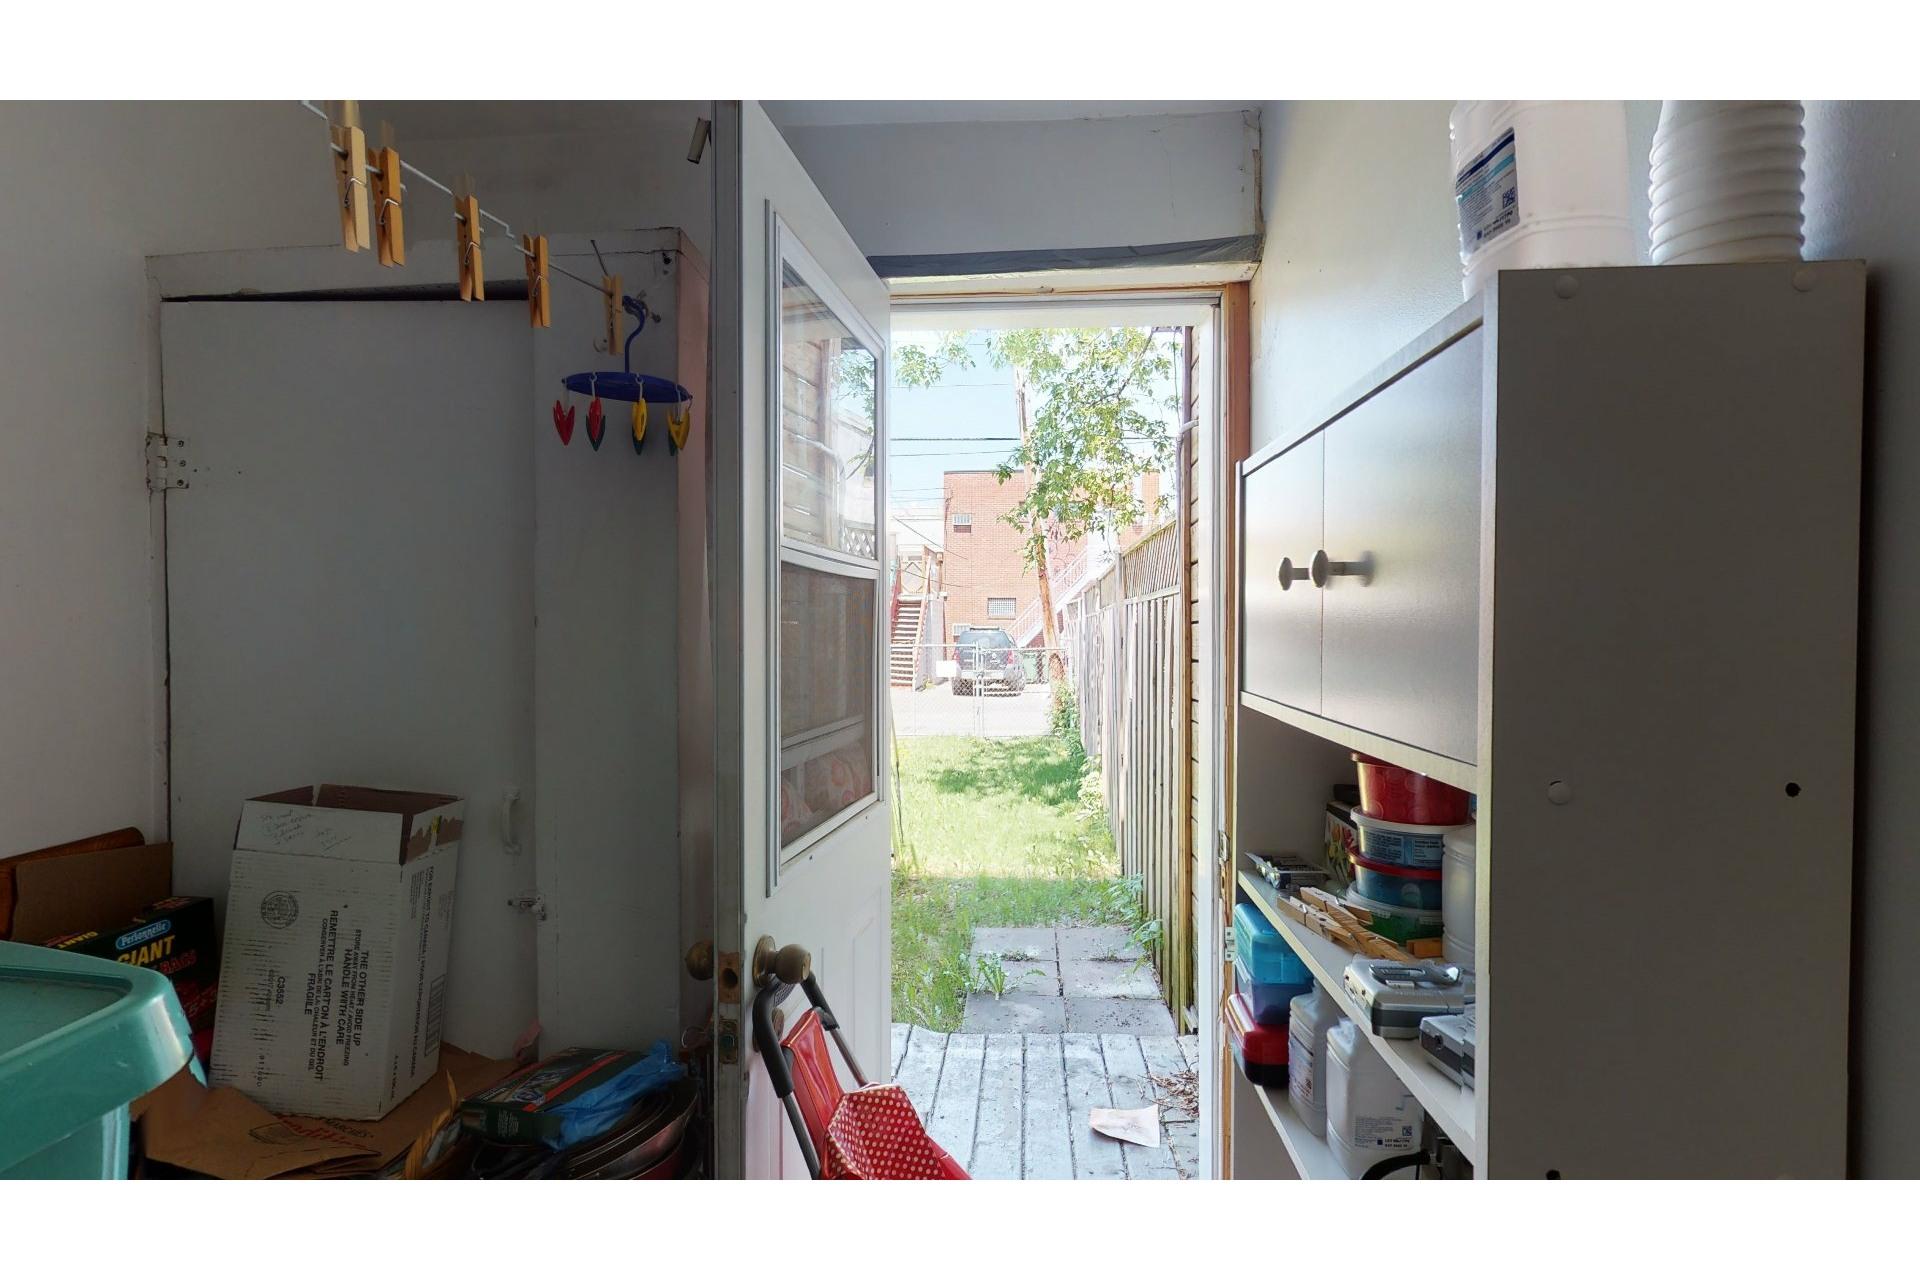 image 17 - Duplex À vendre Rosemont/La Petite-Patrie Montréal  - 7 pièces